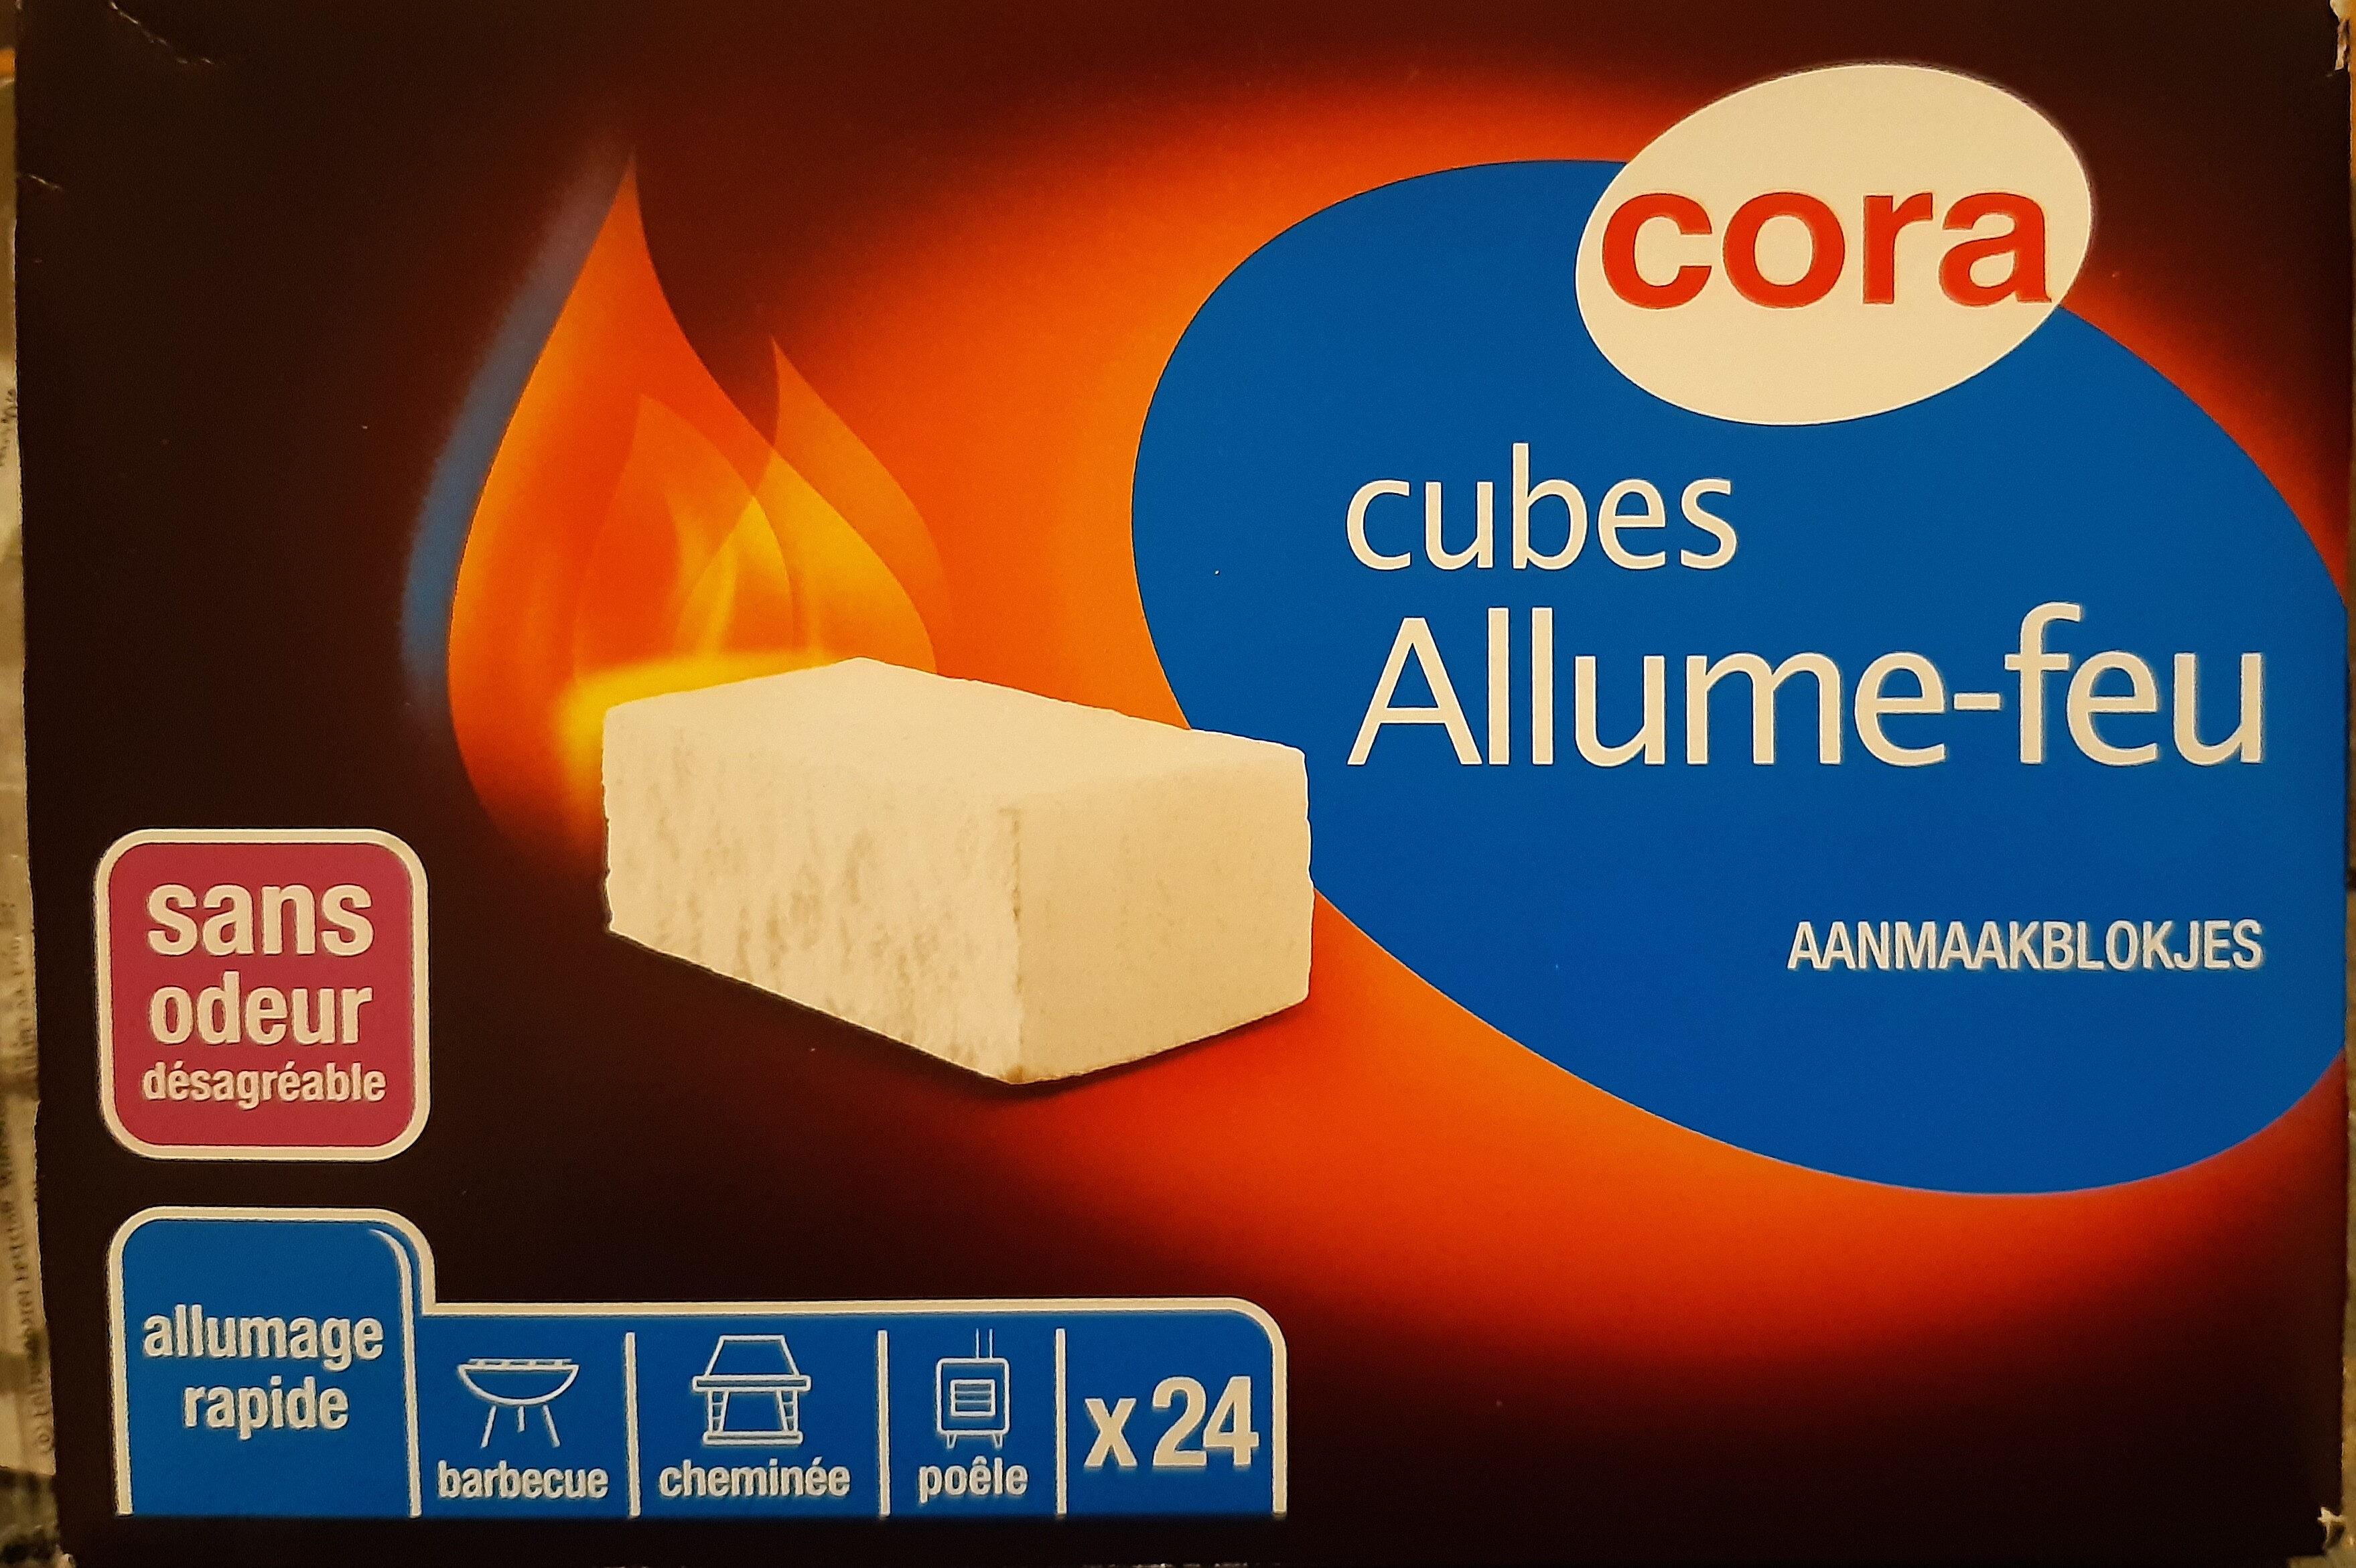 Cubes Allume-feu - Product - fr